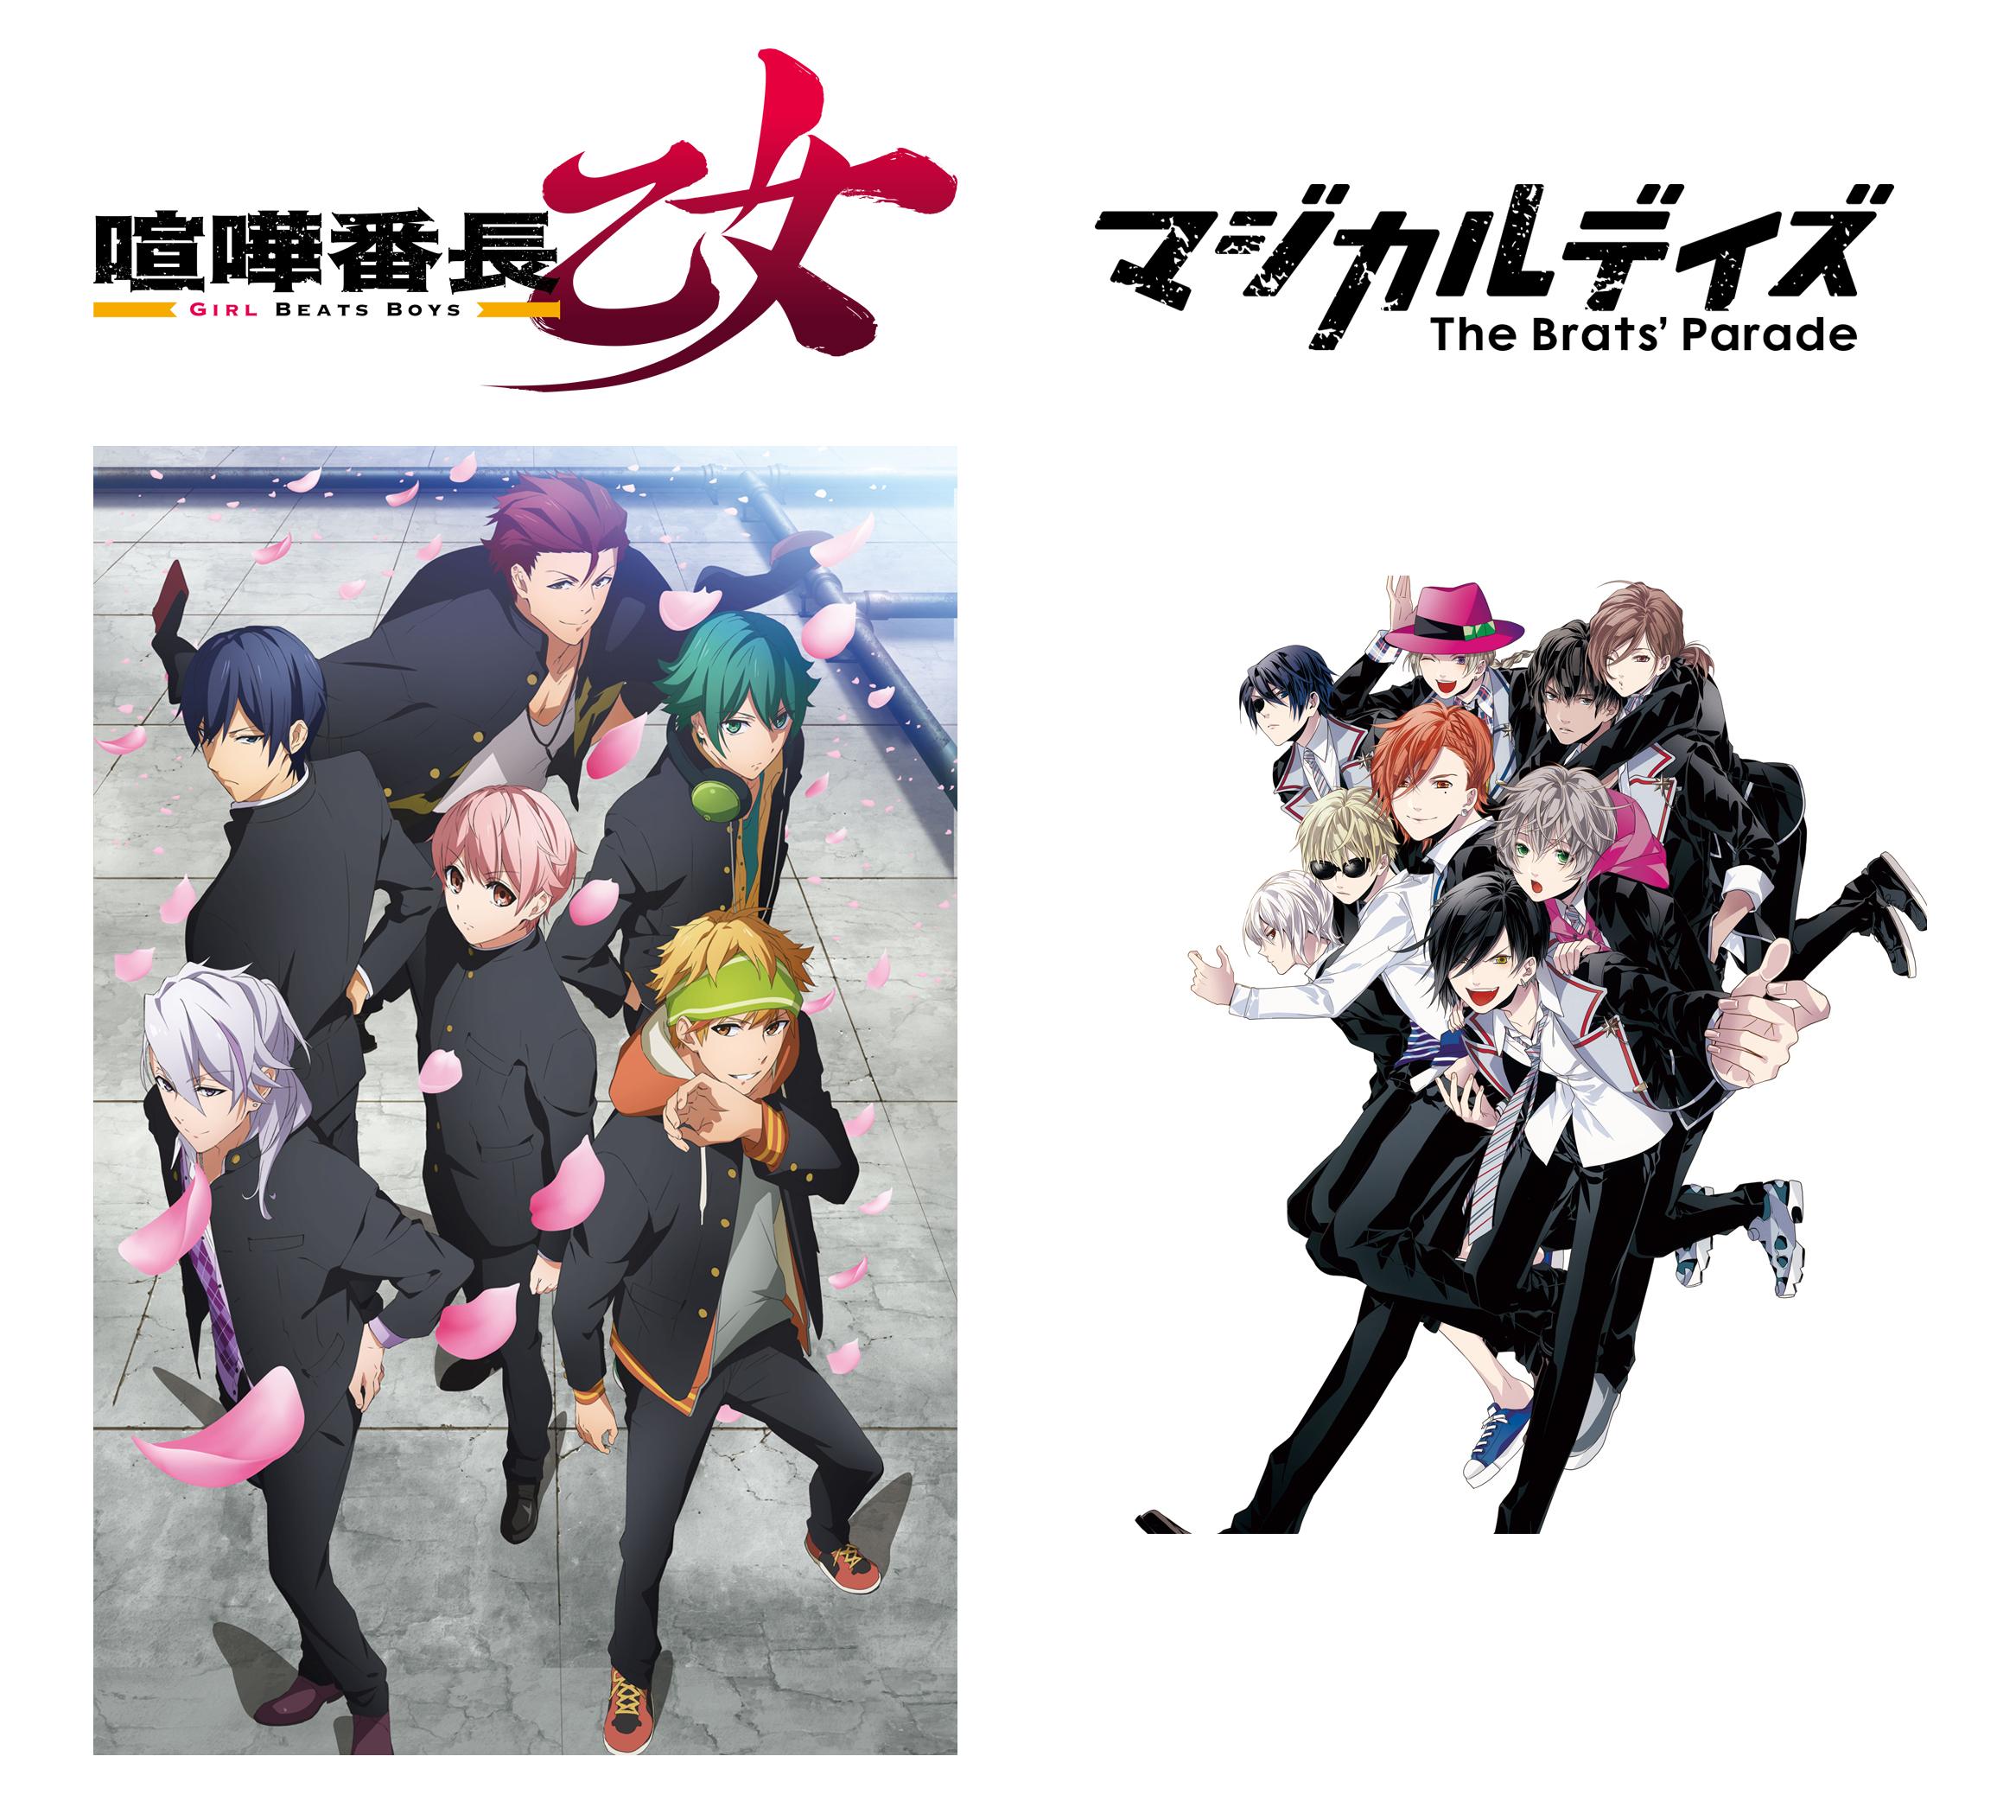 『マジカルデイズ』 現在放送中のTVアニメ「喧嘩番長 乙女」とのタイアップ決定!